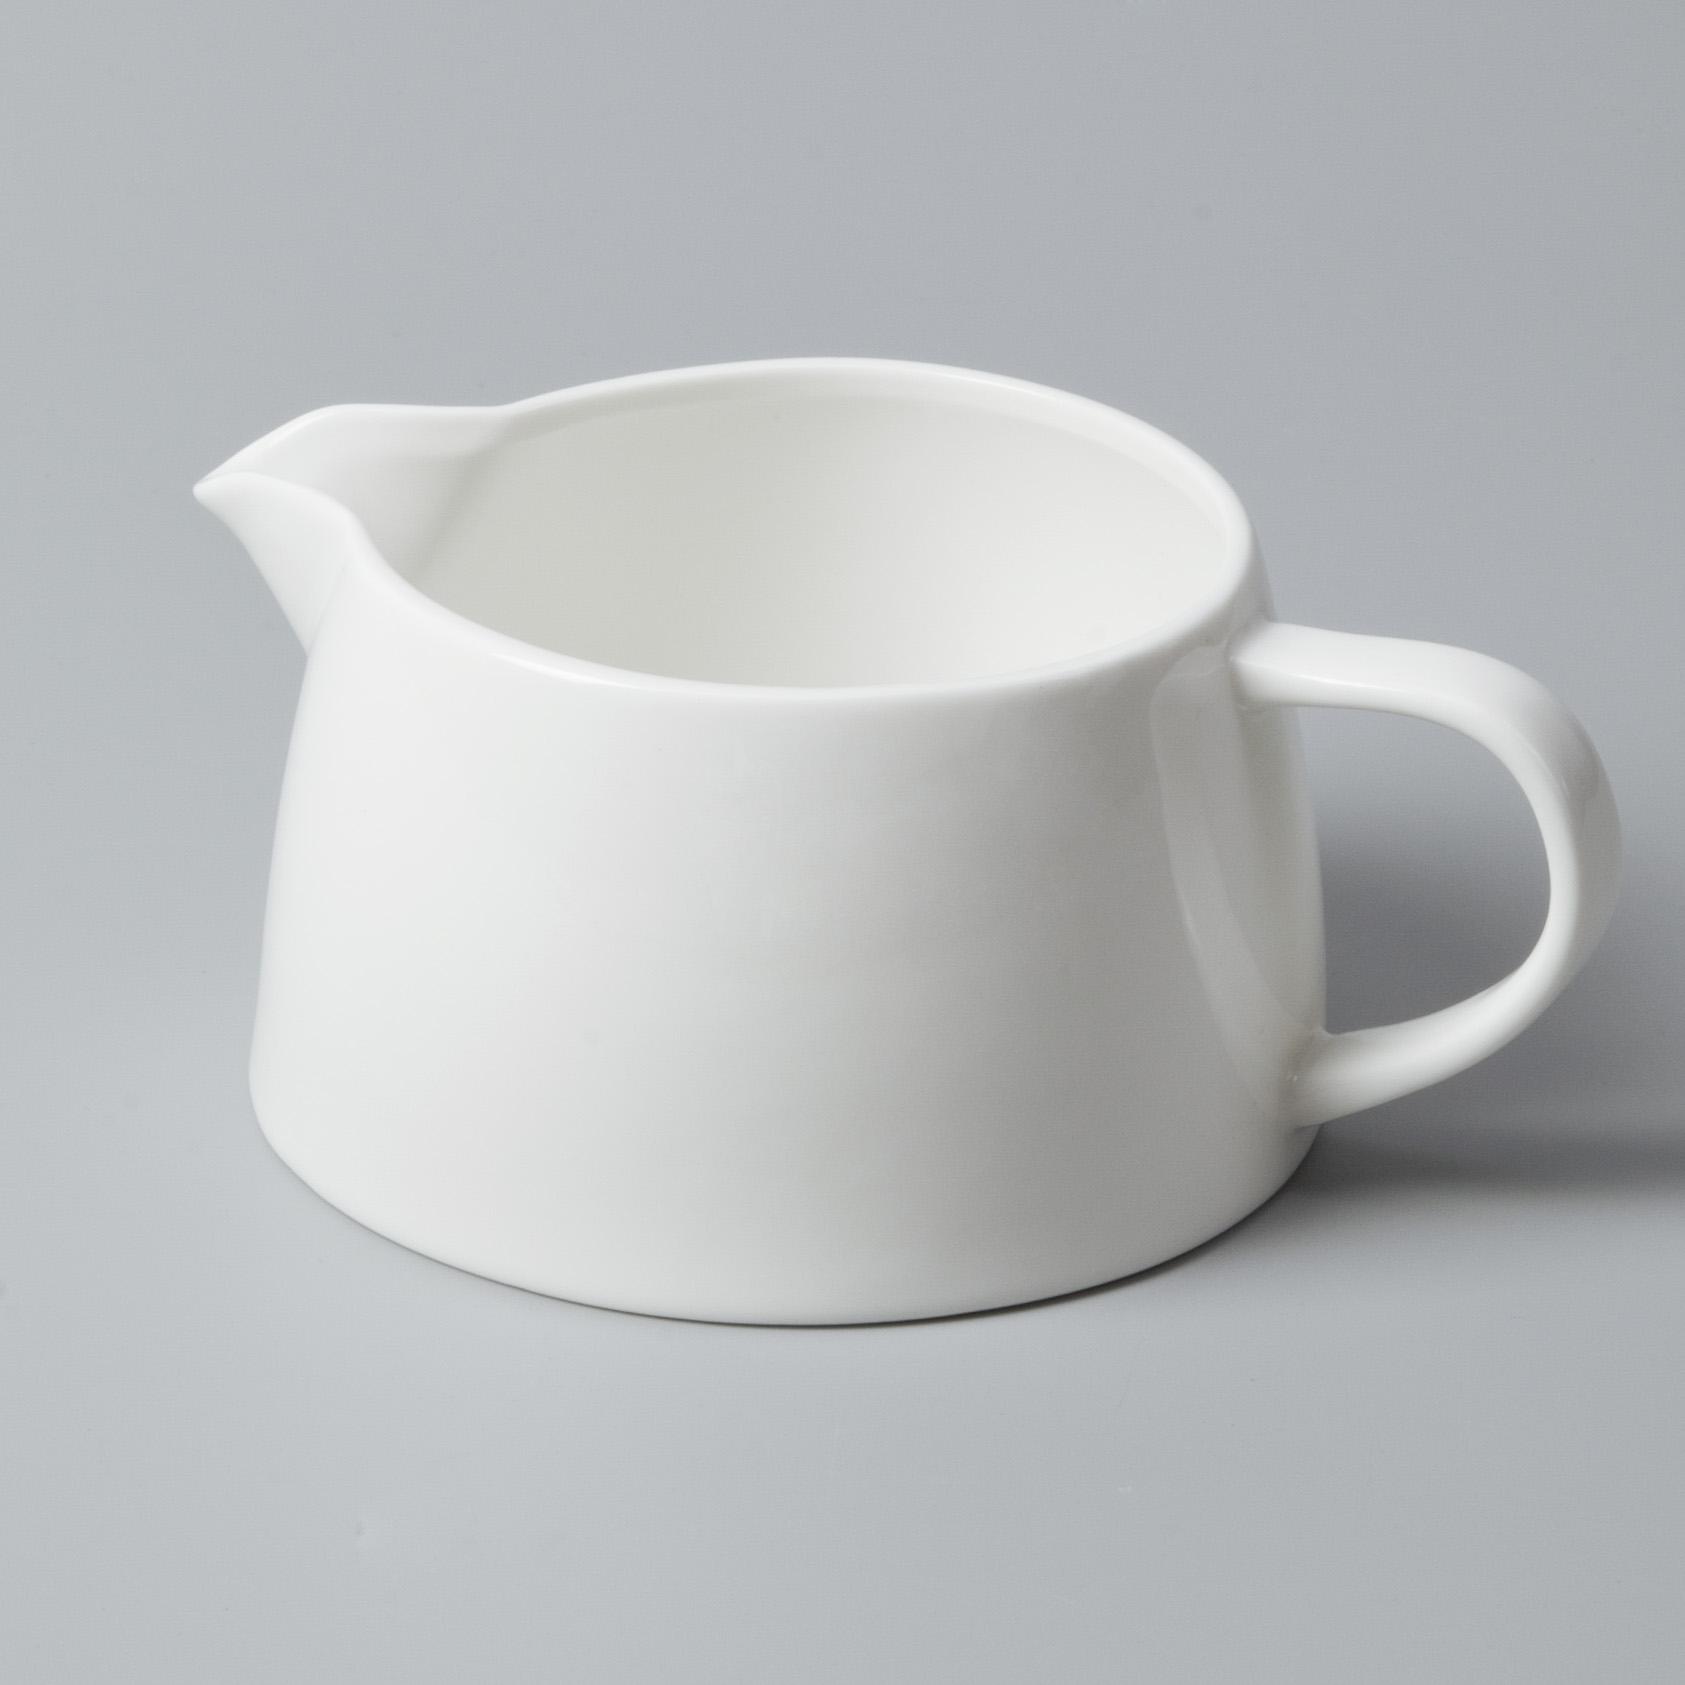 Two Eight bulk cheap porcelain dinner plates from China for dinner-5